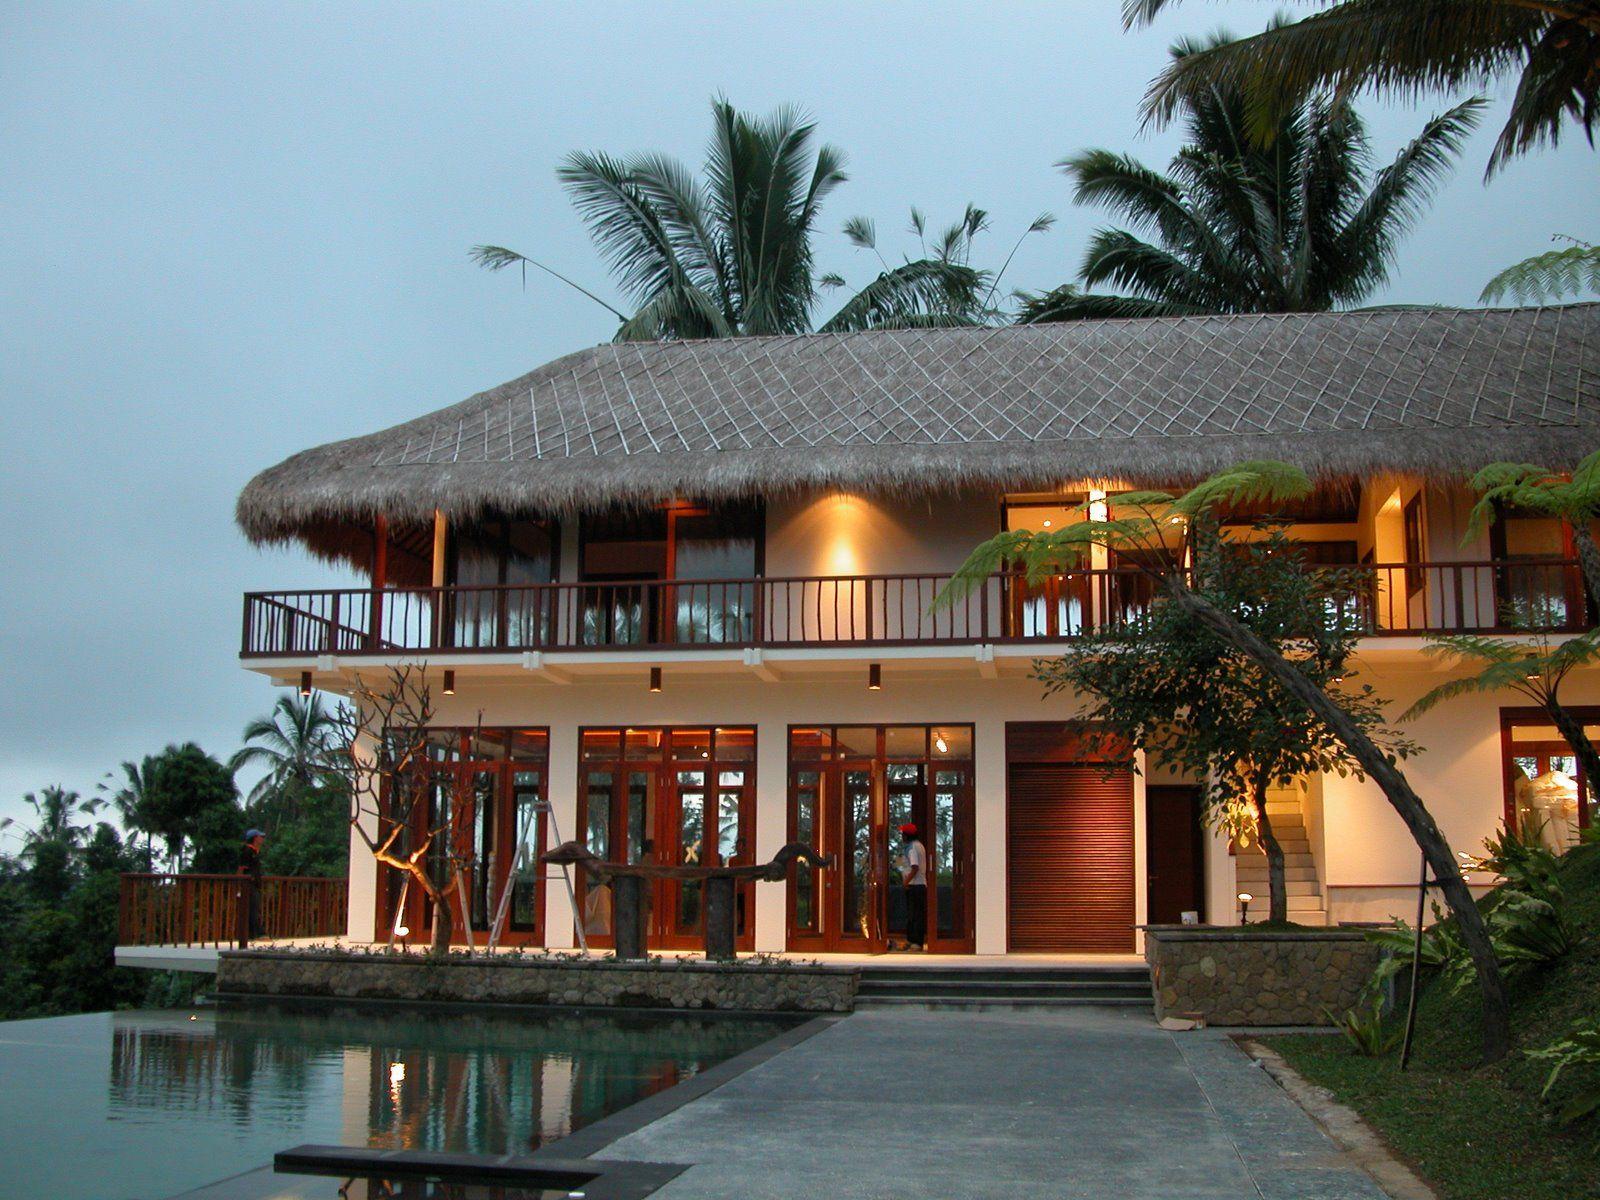 free balinese house plans australia w house plans australia rh pinterest com  balinese home designs australia